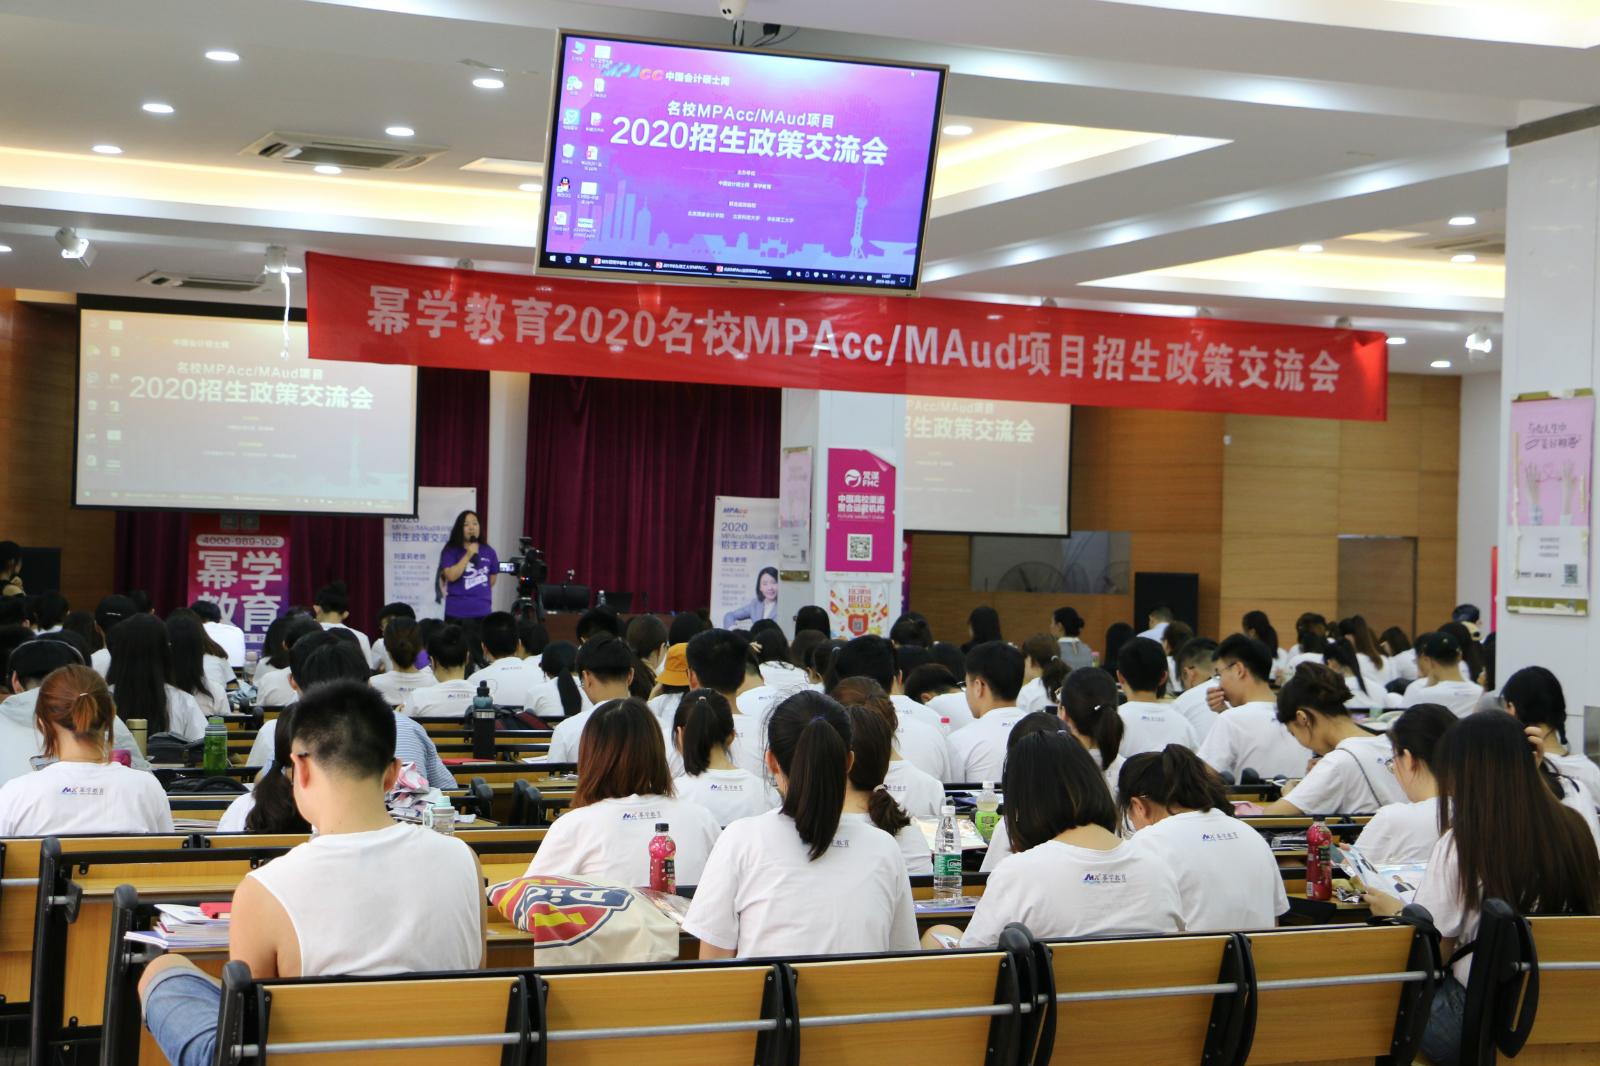 2020高校MPAcc/MAud项目招生政策交流会成功举办!